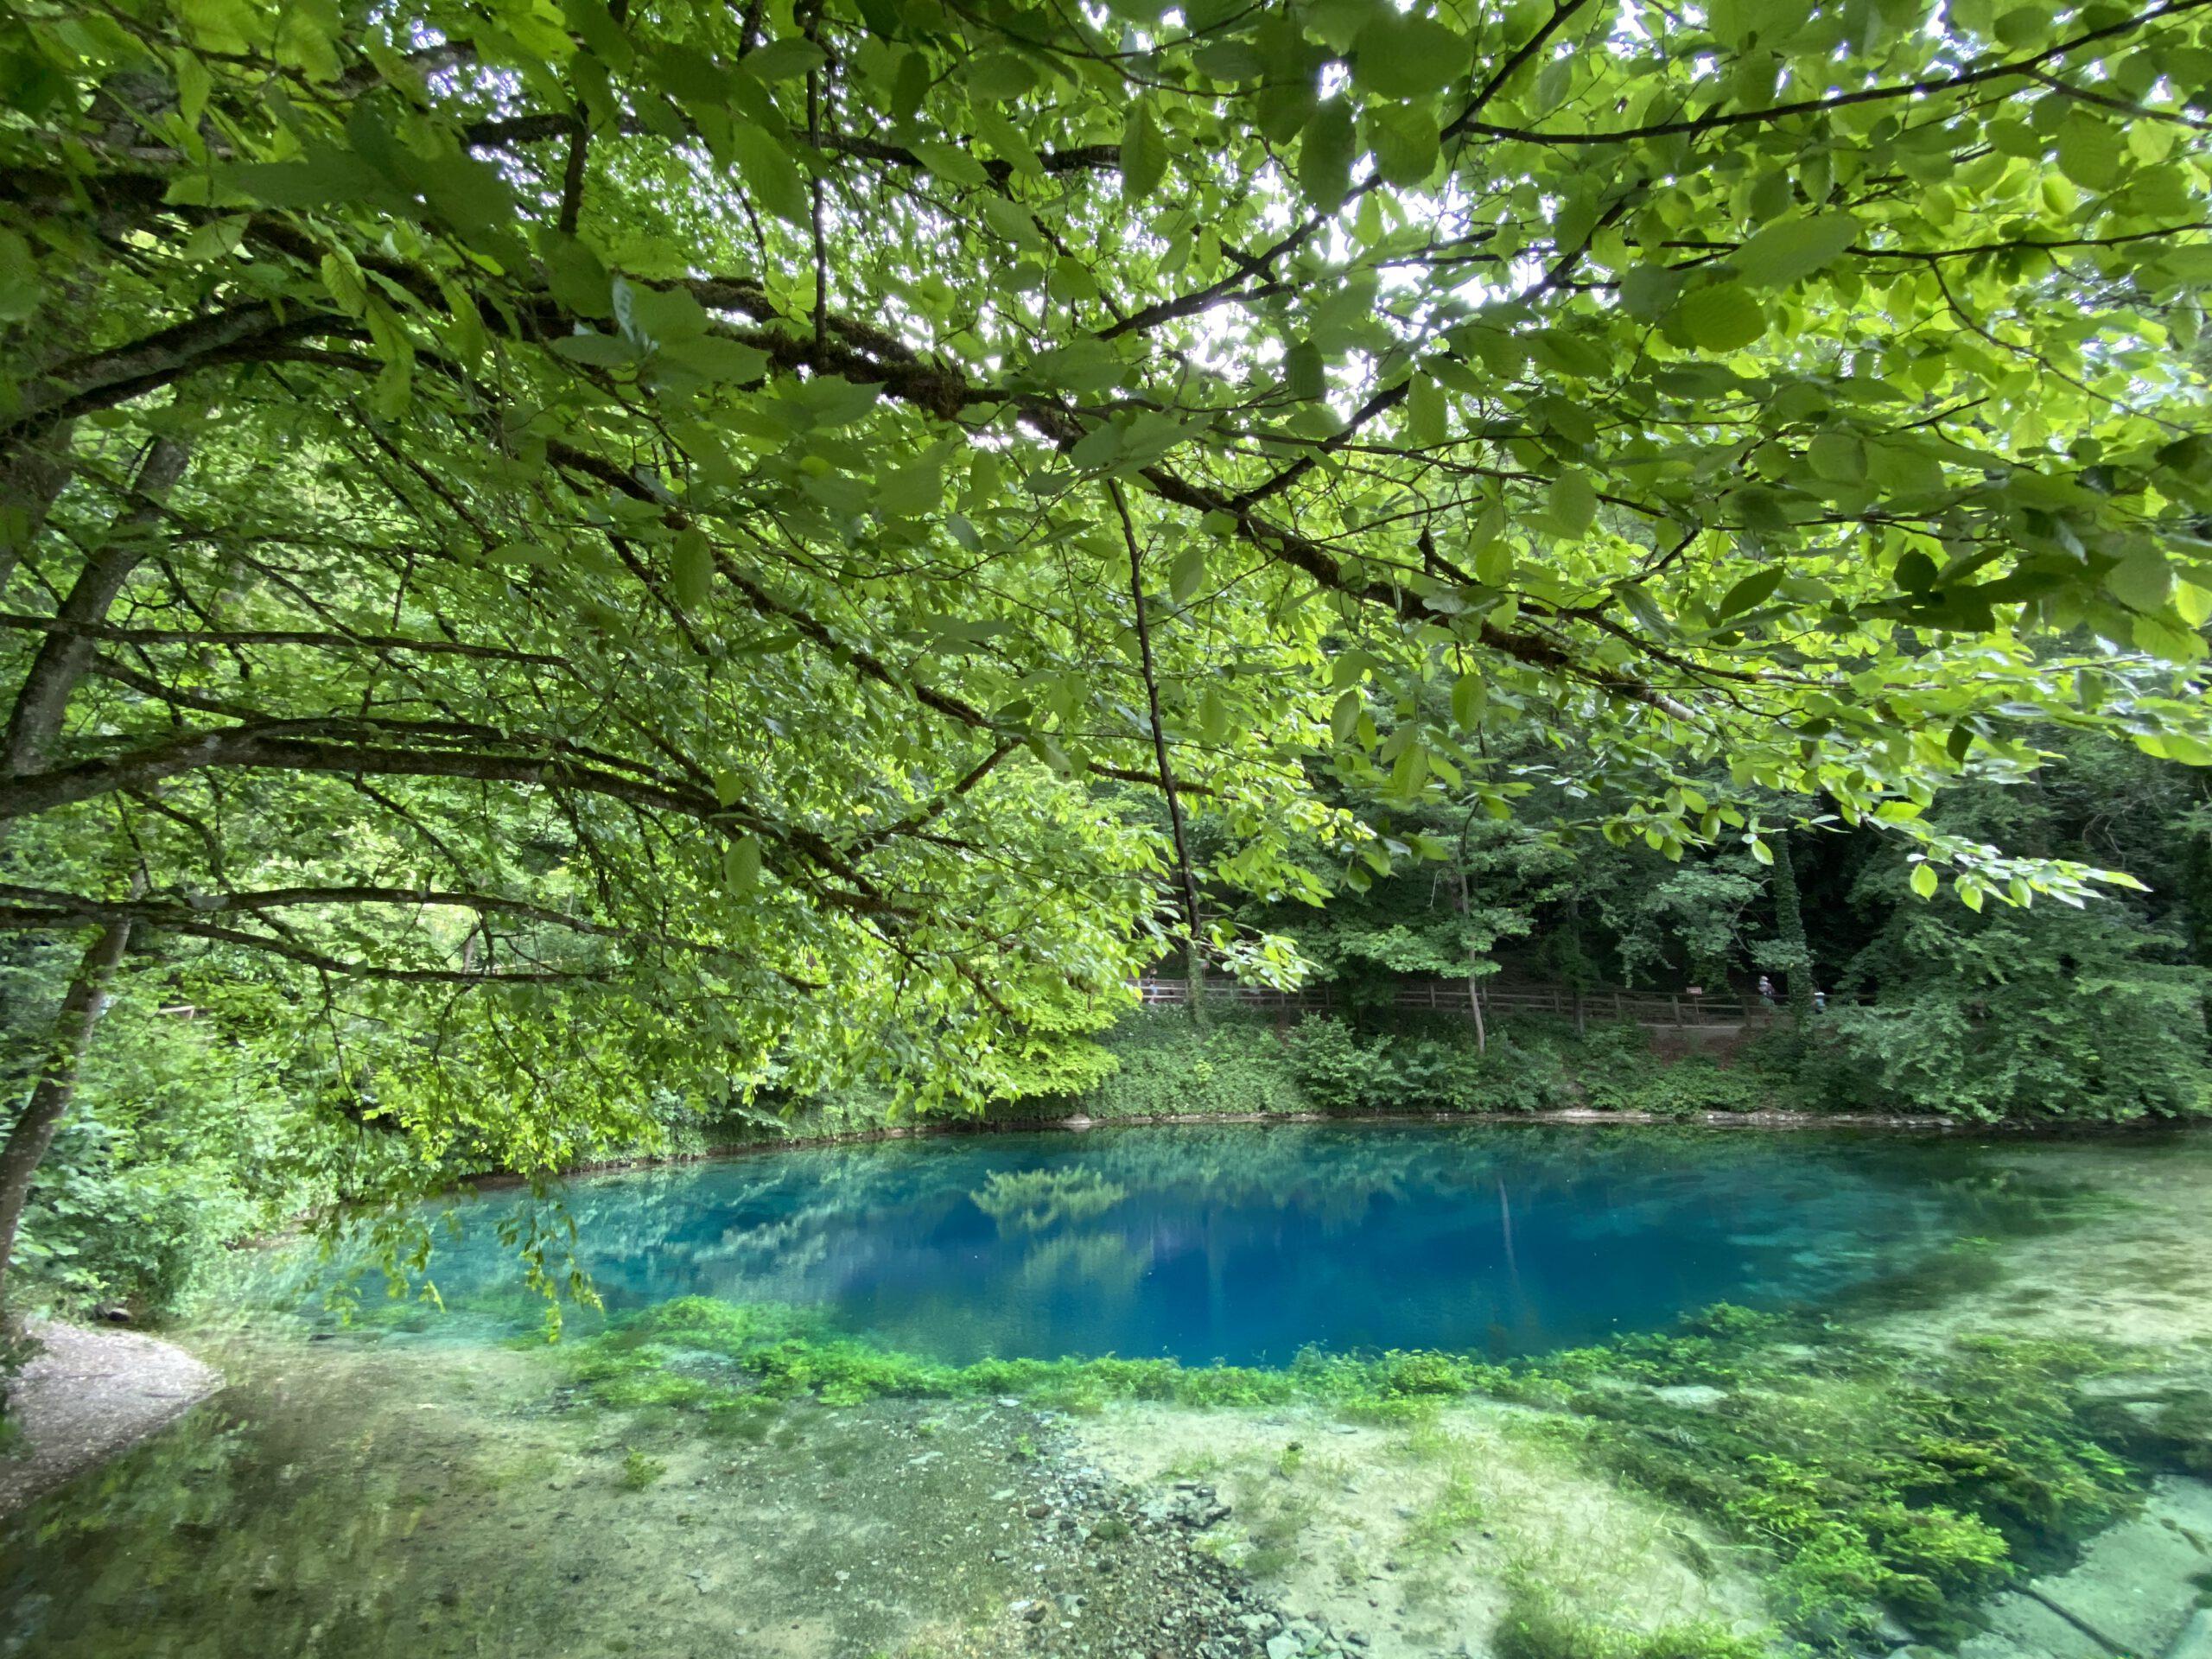 Der Blautopf bei Blaubeuren am 3. Juni 2020, unter grünen Blättern